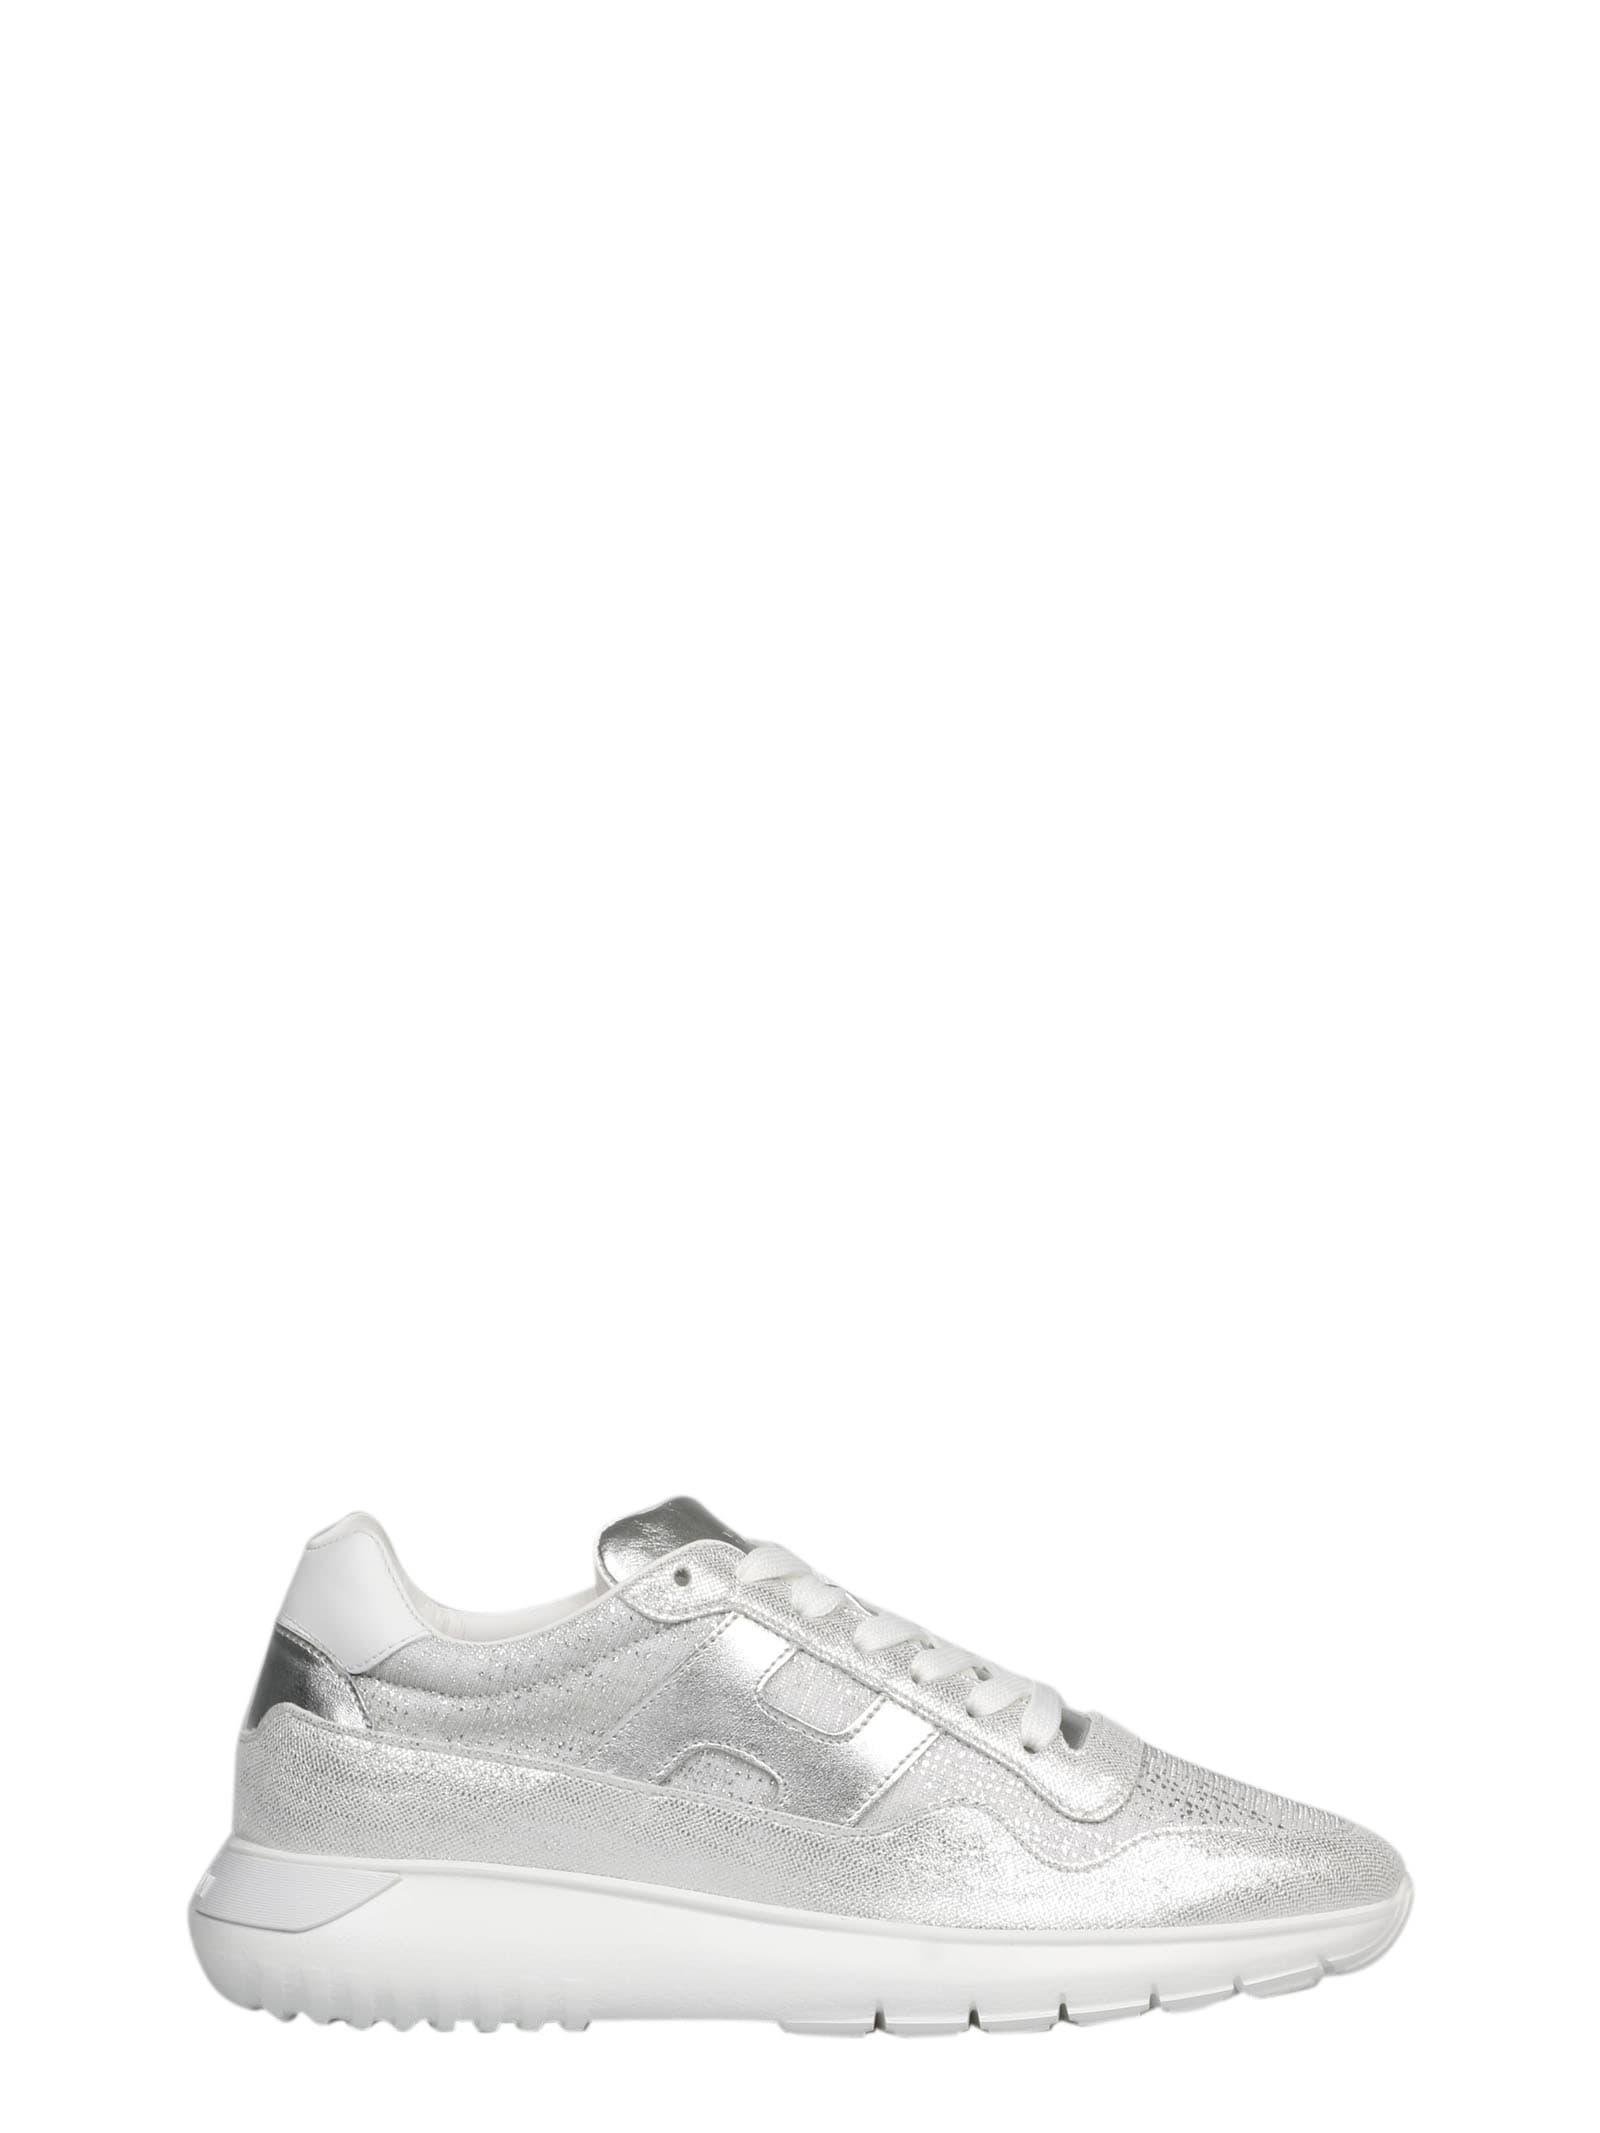 hogan sneakers sale